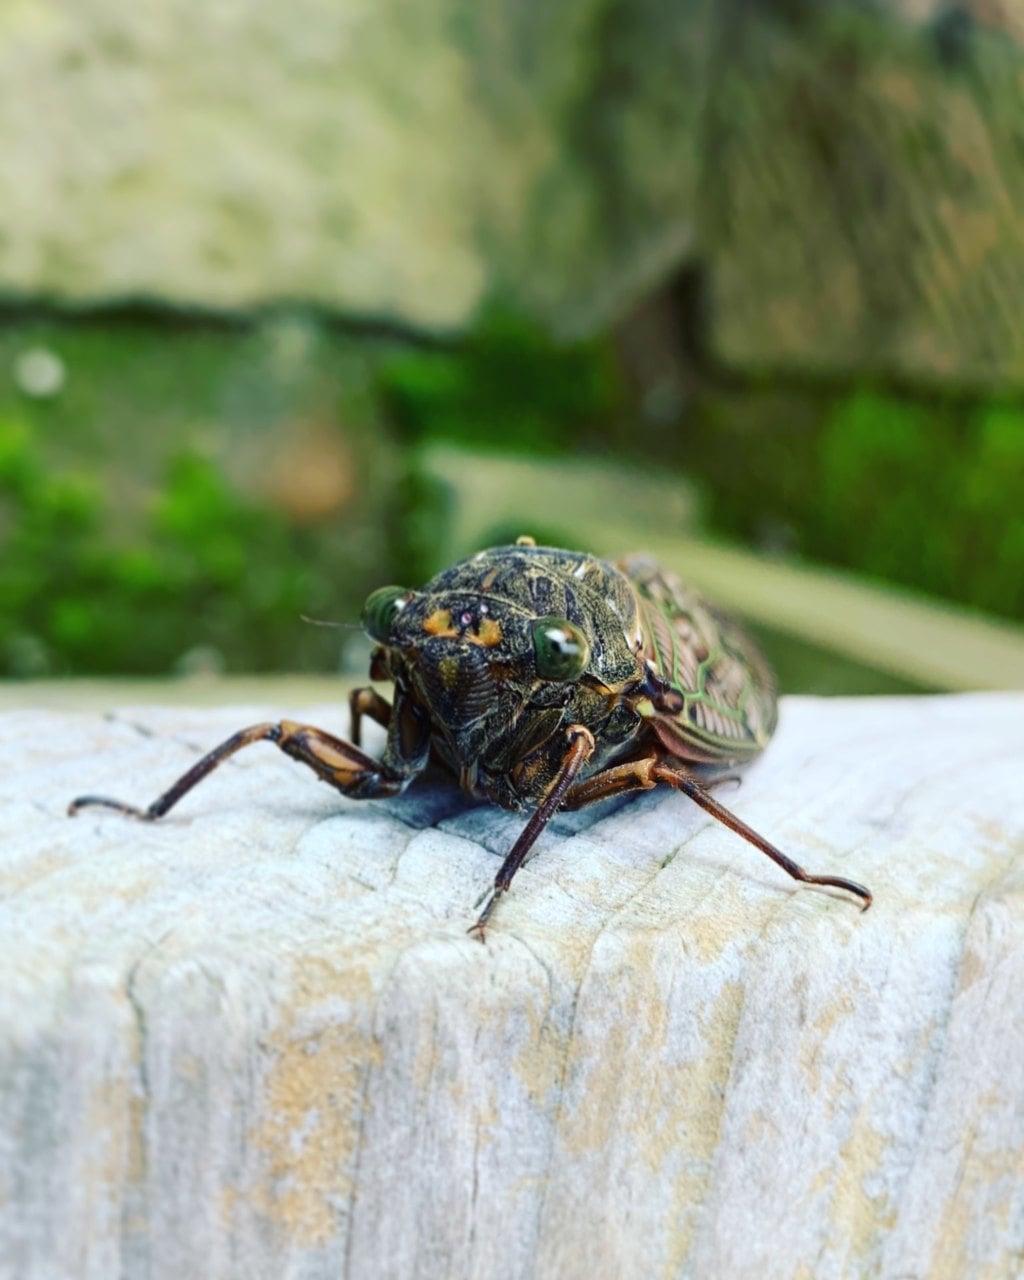 滑川神社 - 仕事と子どもの守り神の動物